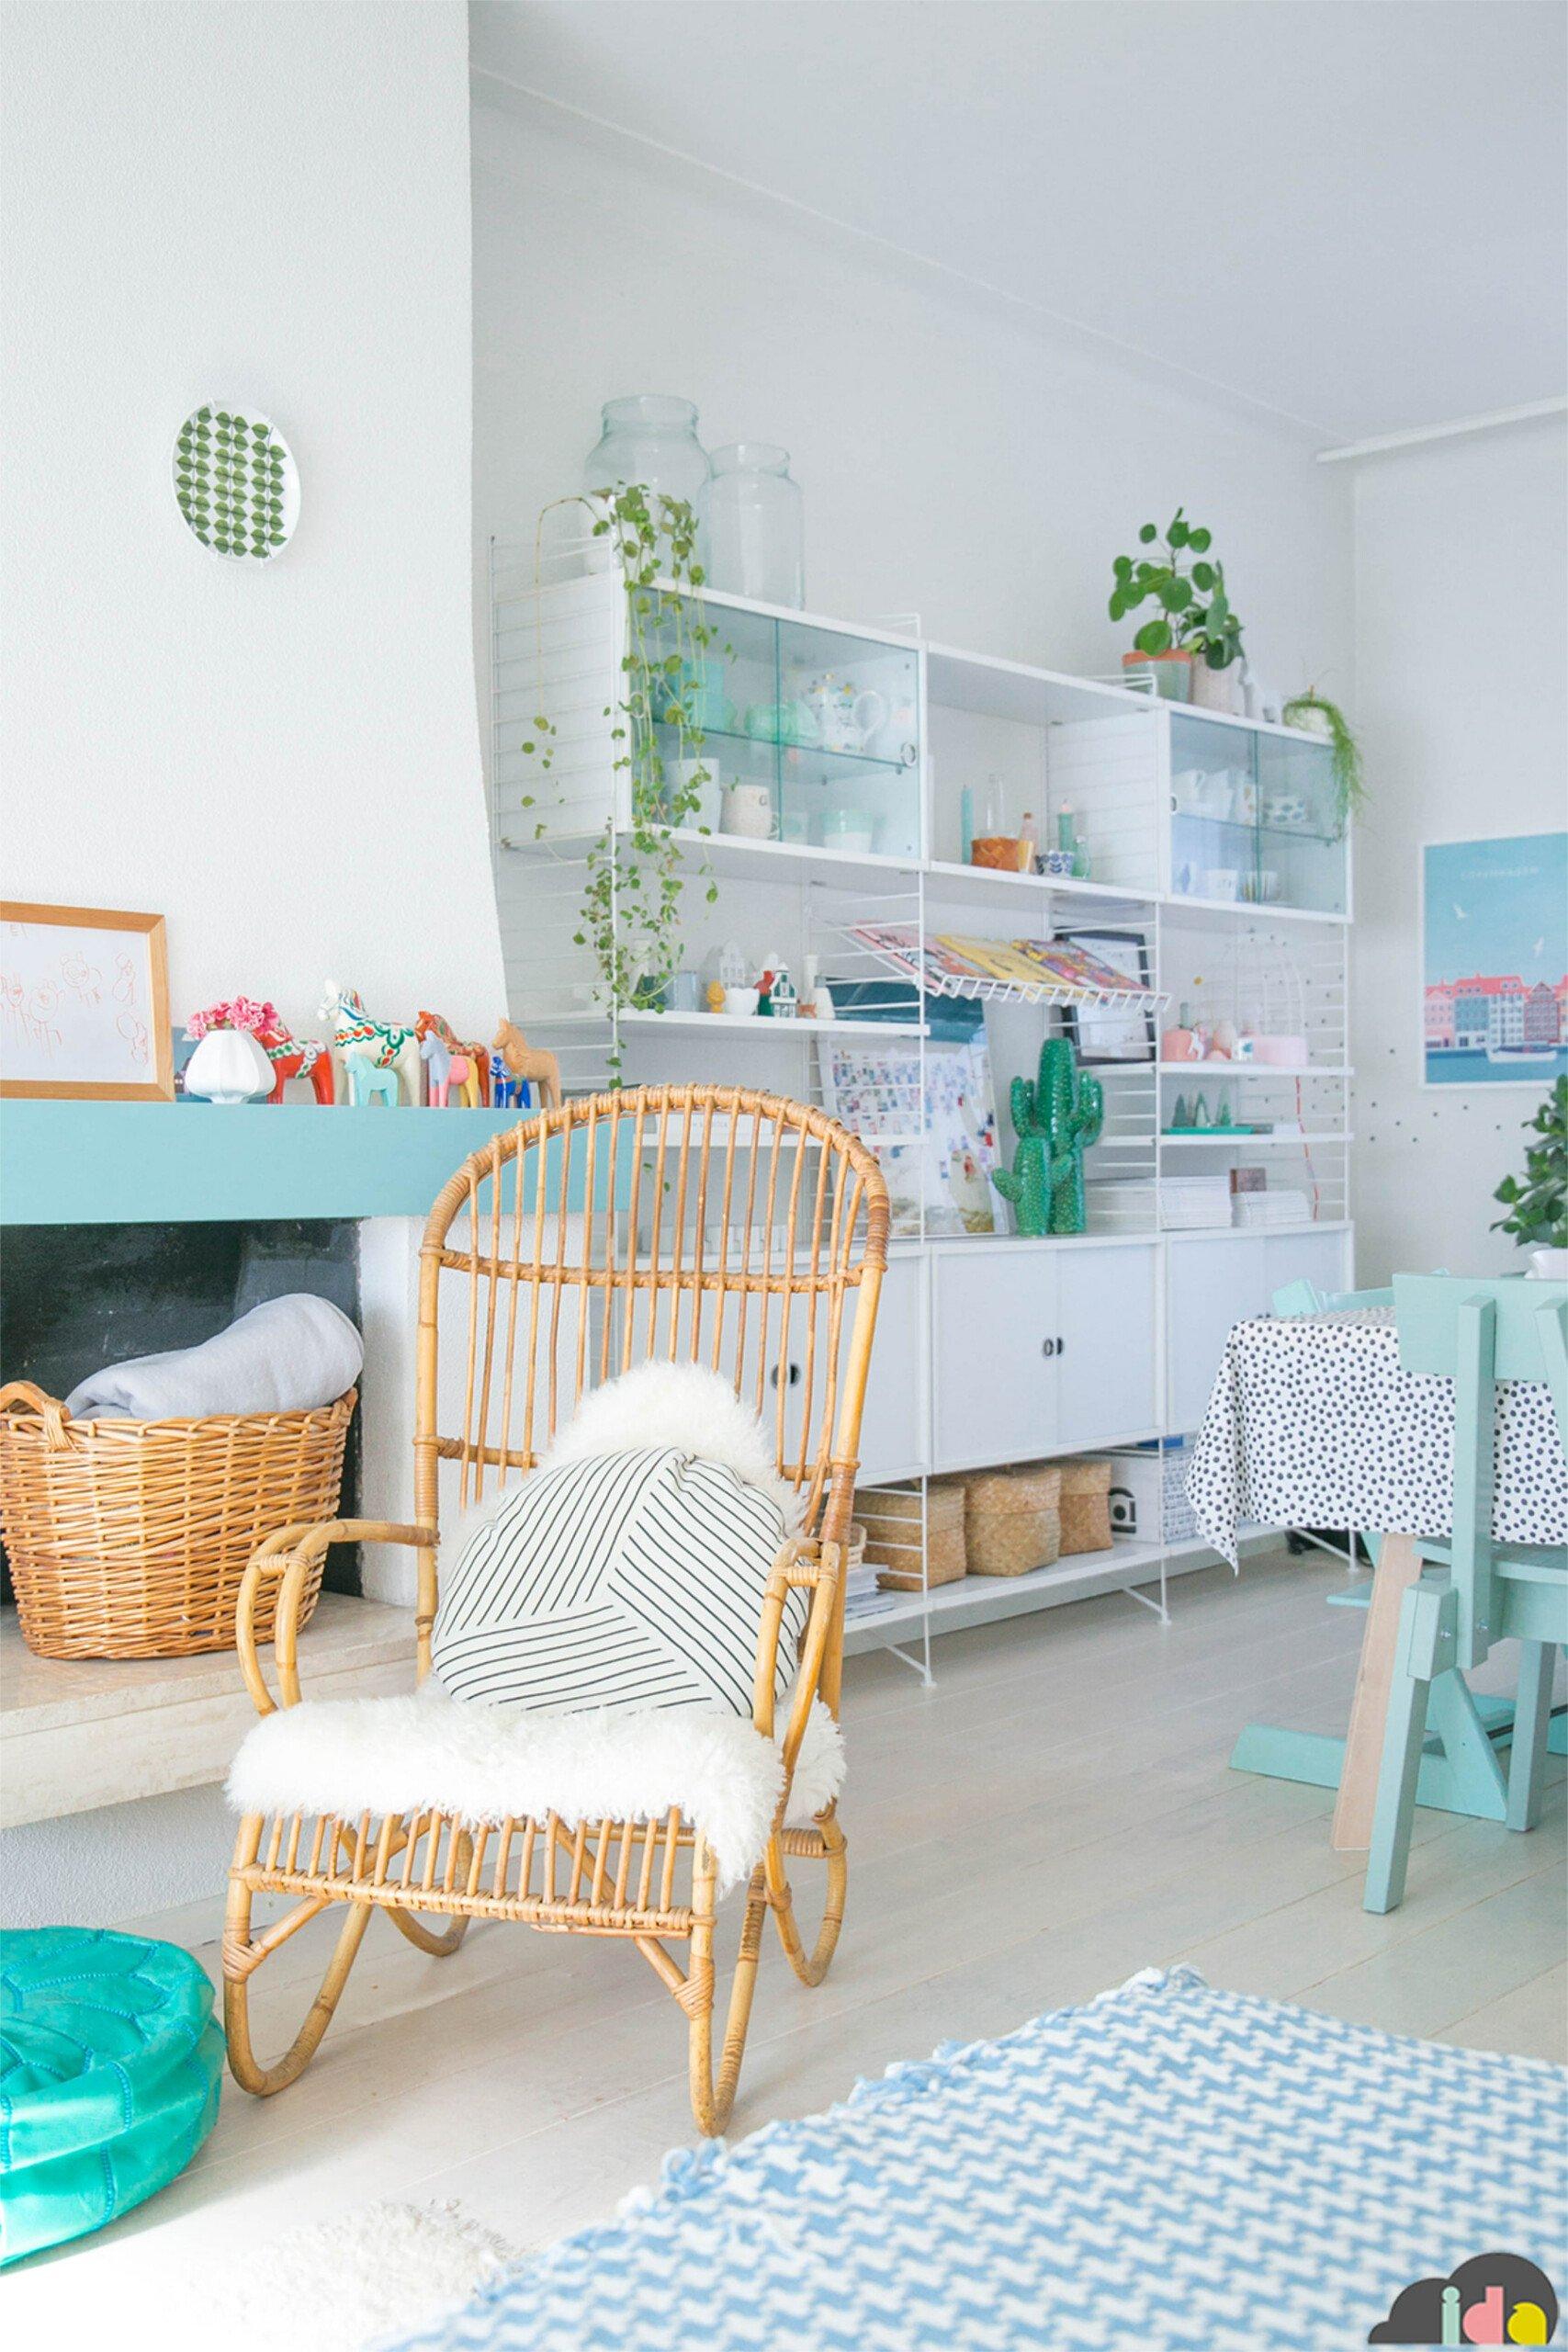 IDAinteriorlifestyle 7 livingroom cozy home scaled